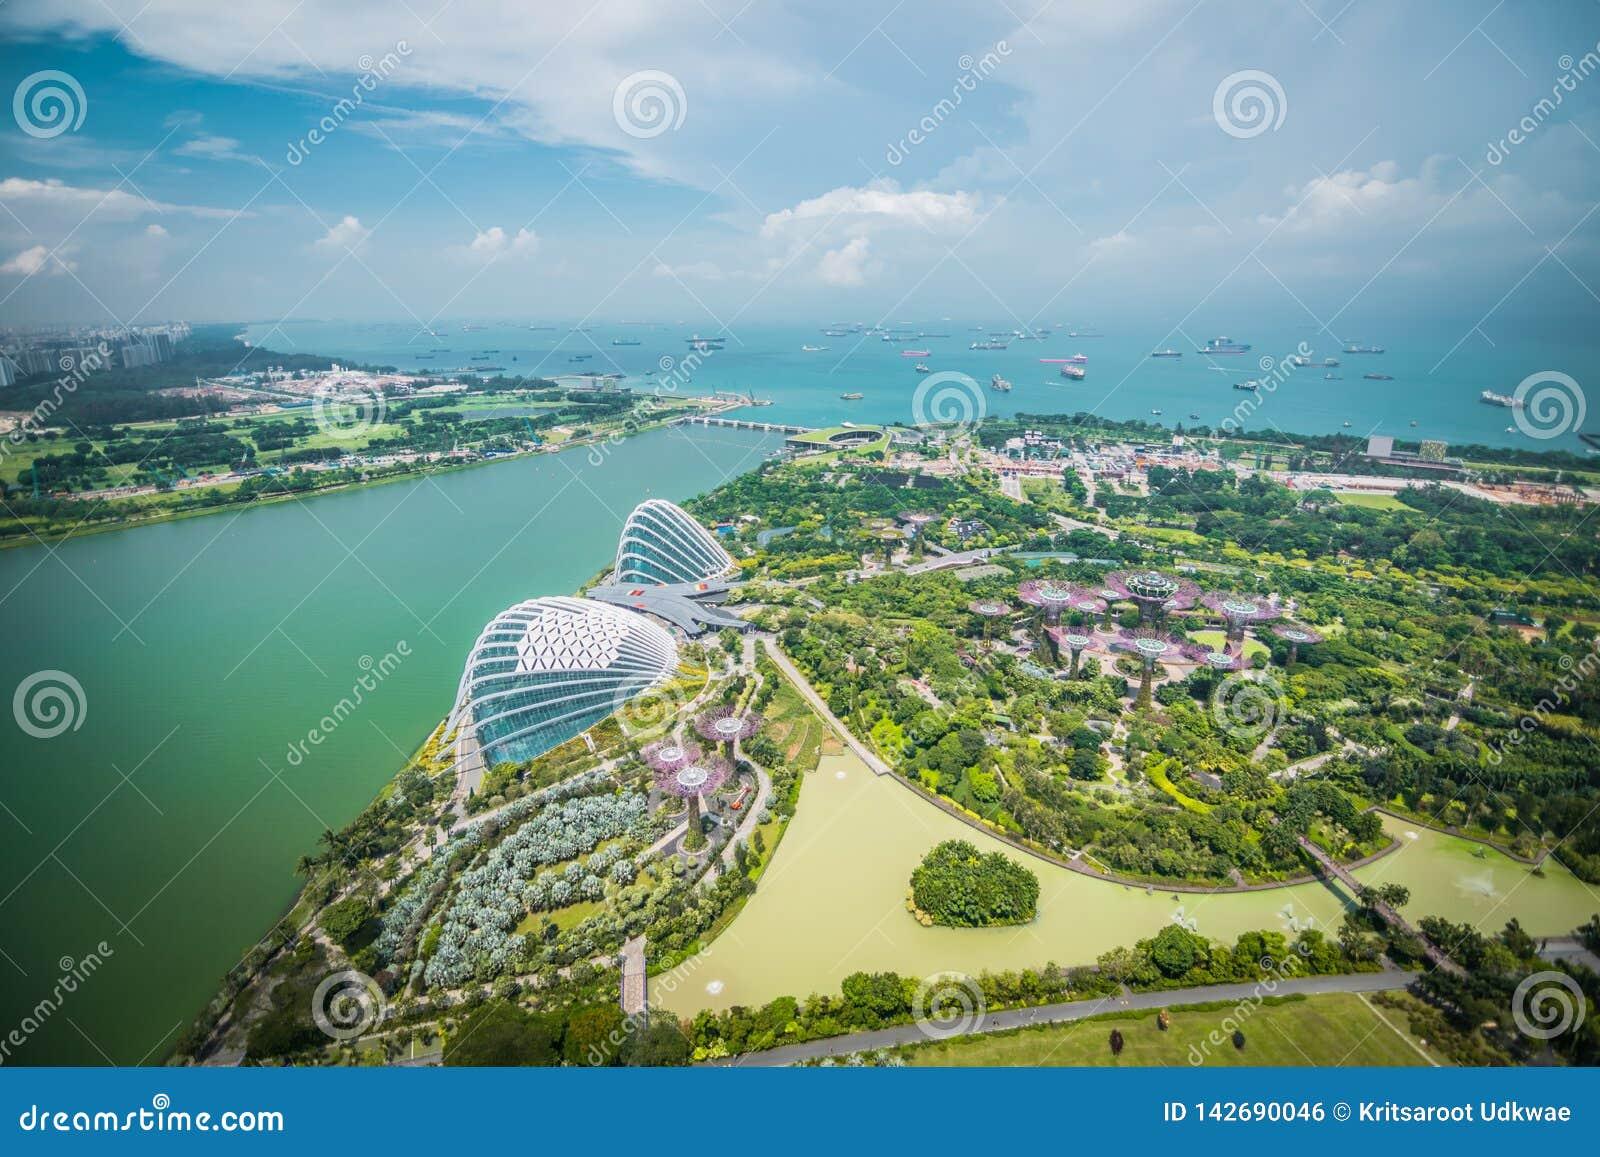 Vogelperspektive von Superbäumen an den Gärten durch die Bucht, Singapur